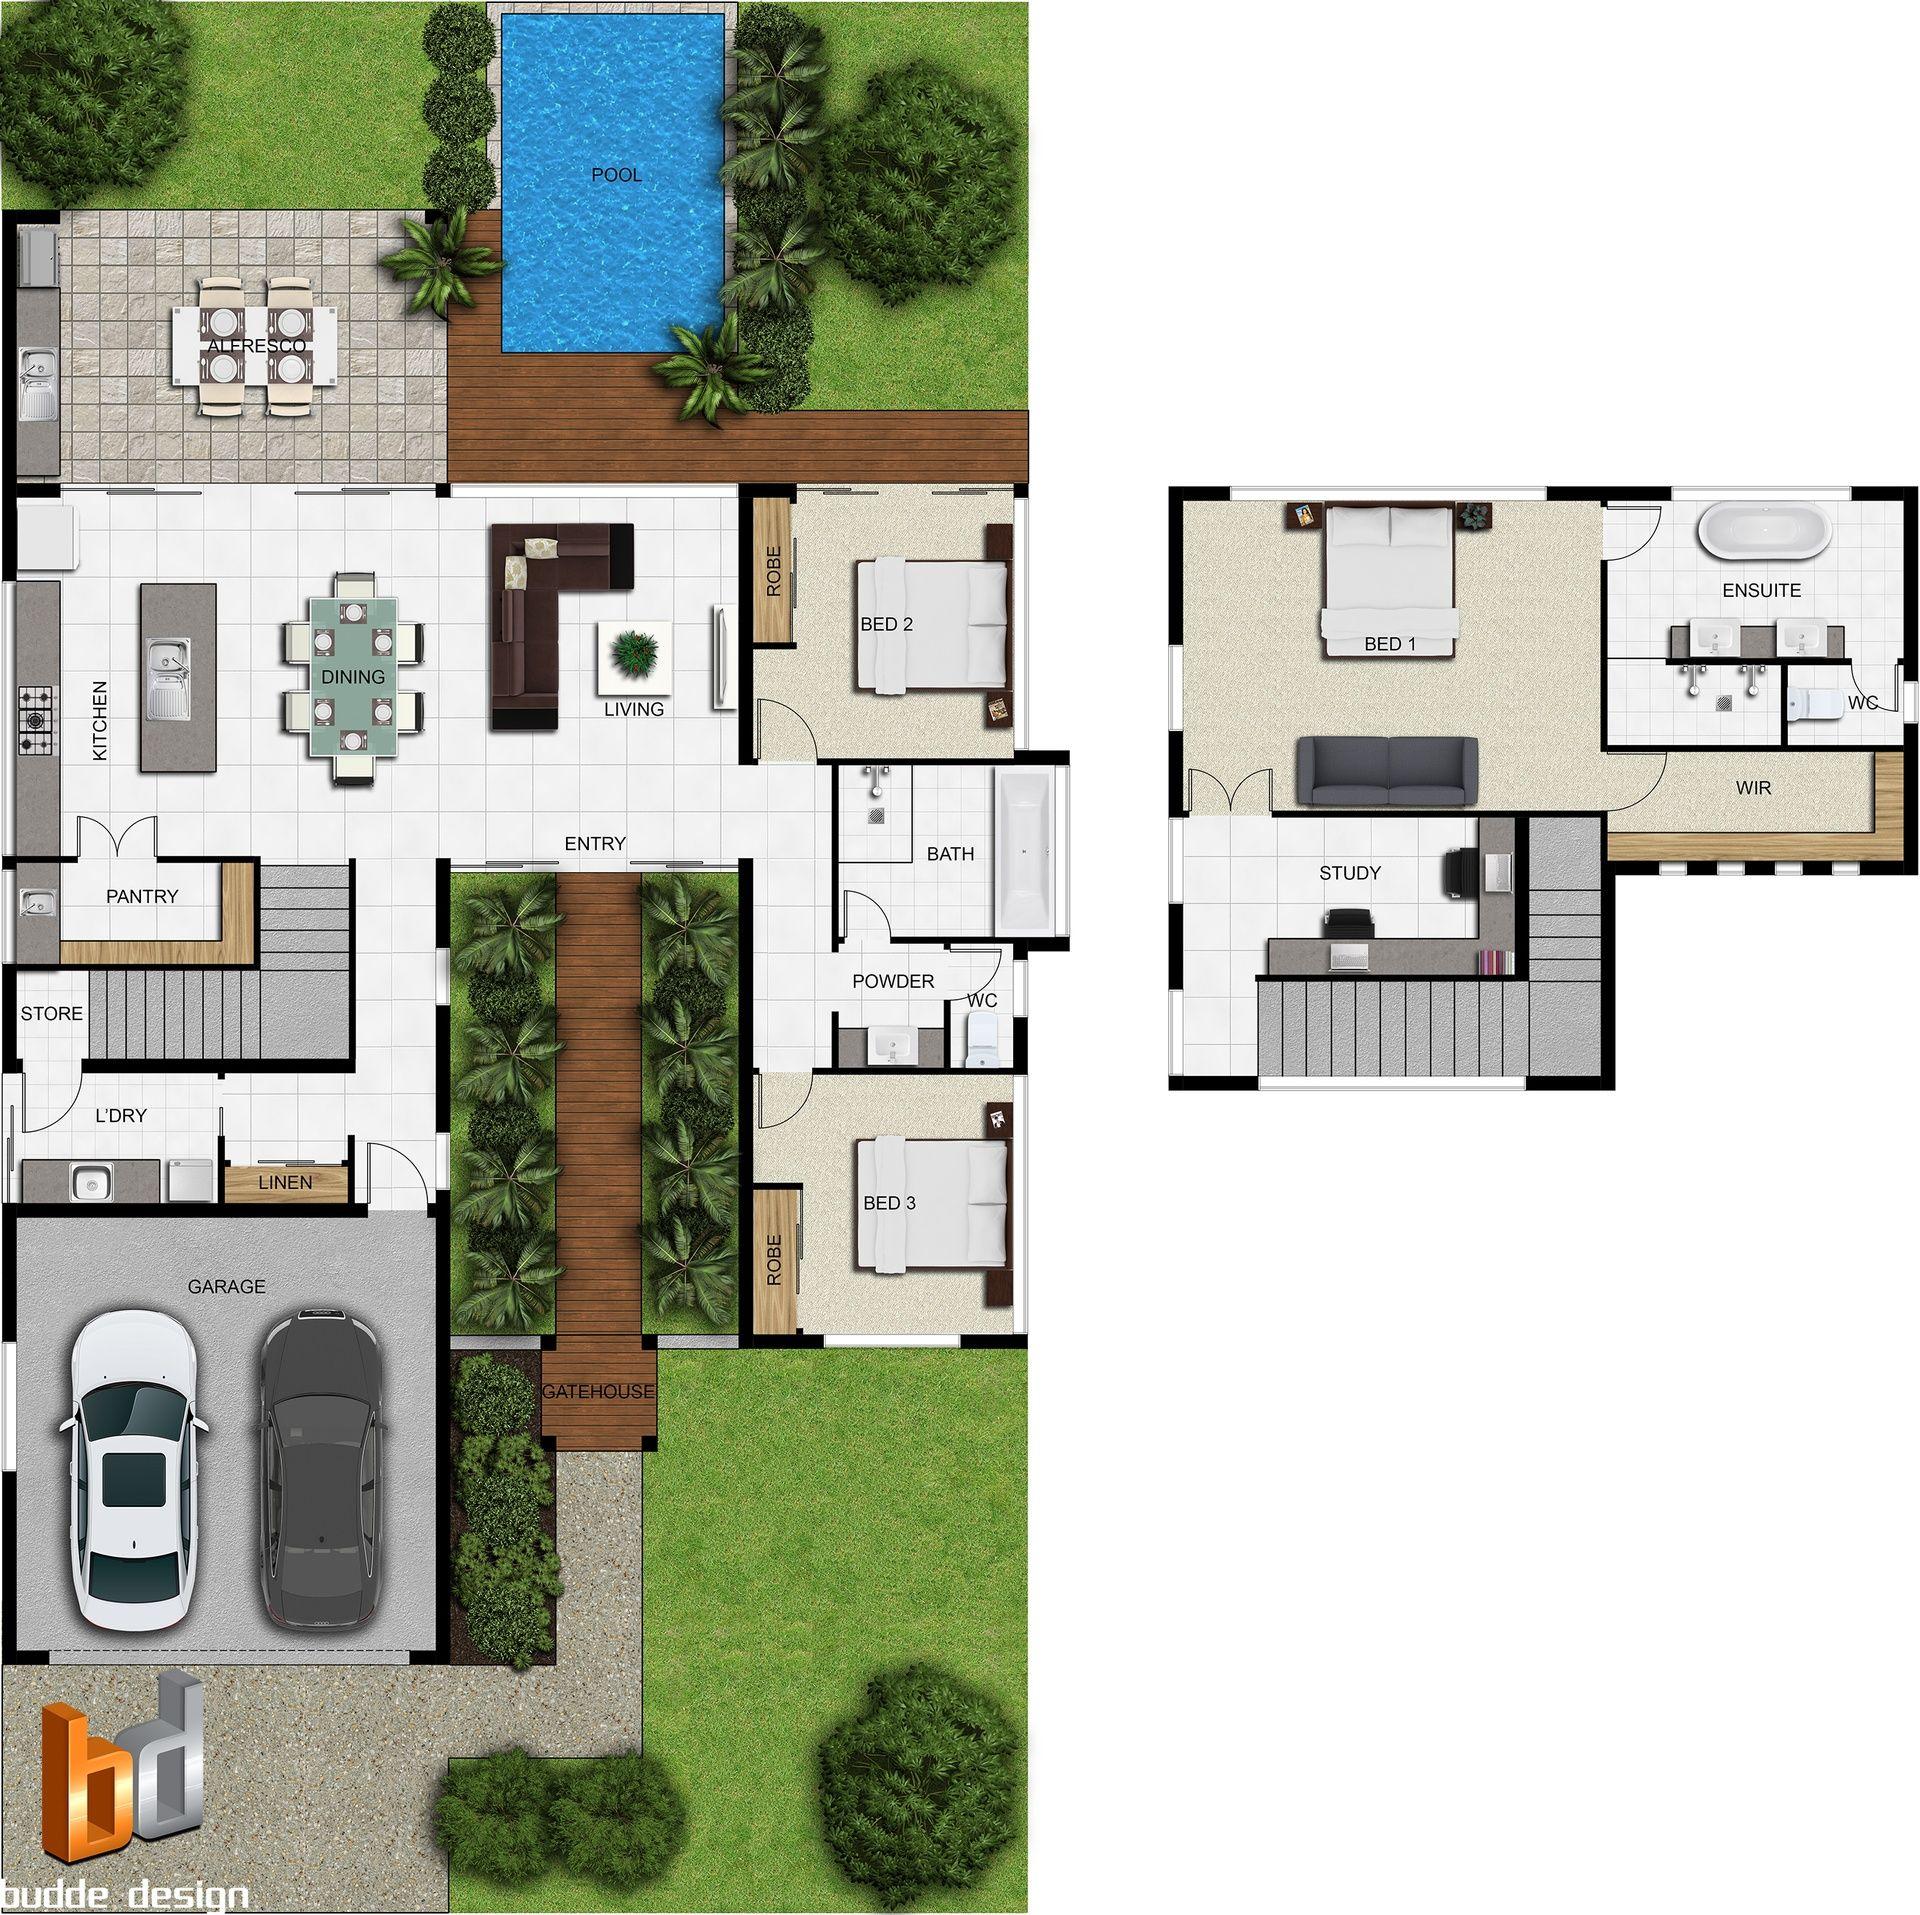 2d plan symbols colour floor plan symbols 2d colour architectural symbols top view